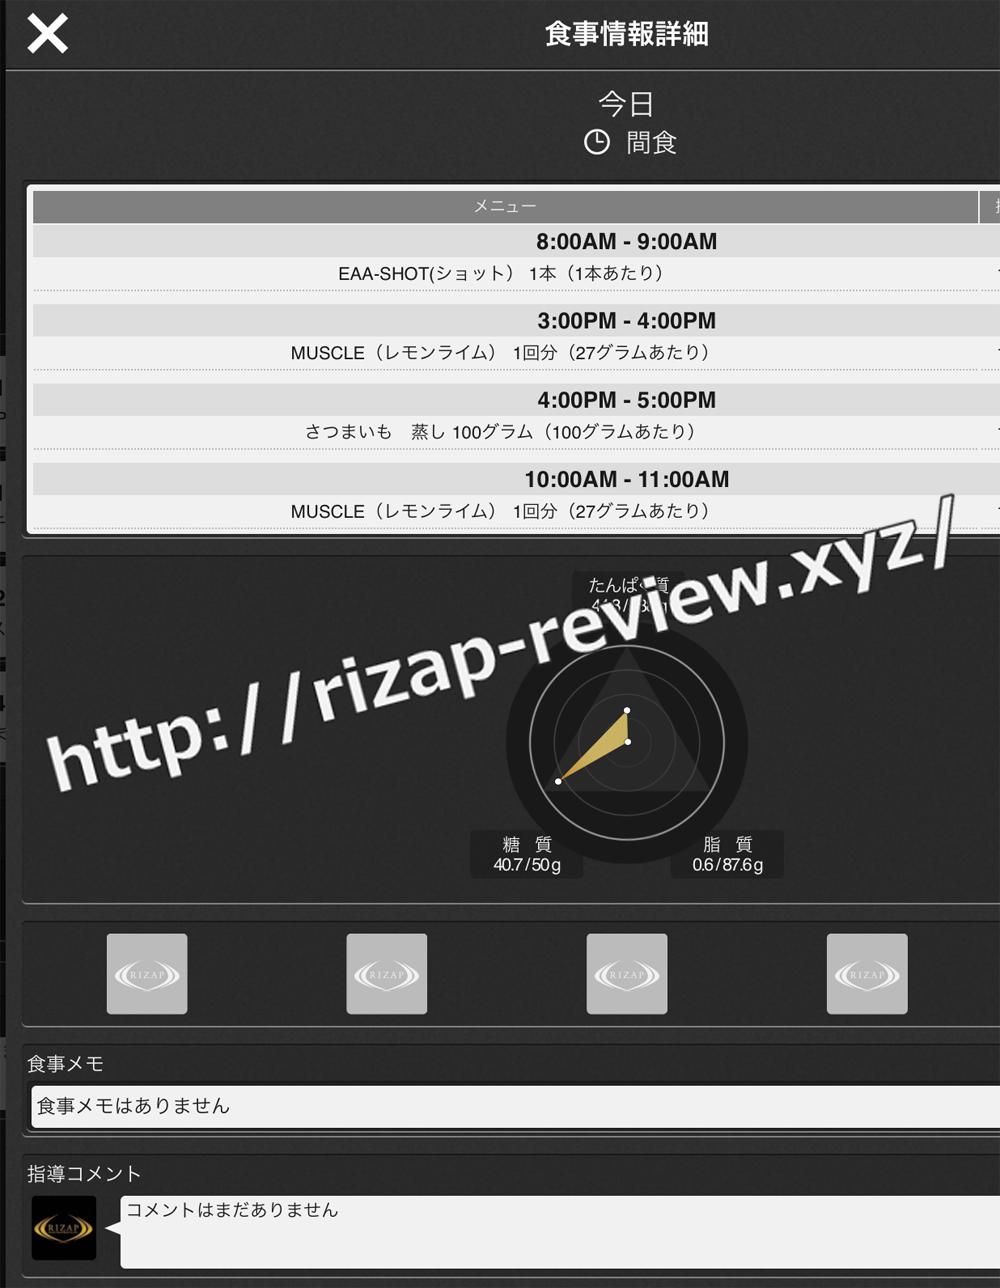 2018.9.22(土)ライザップ流の間食